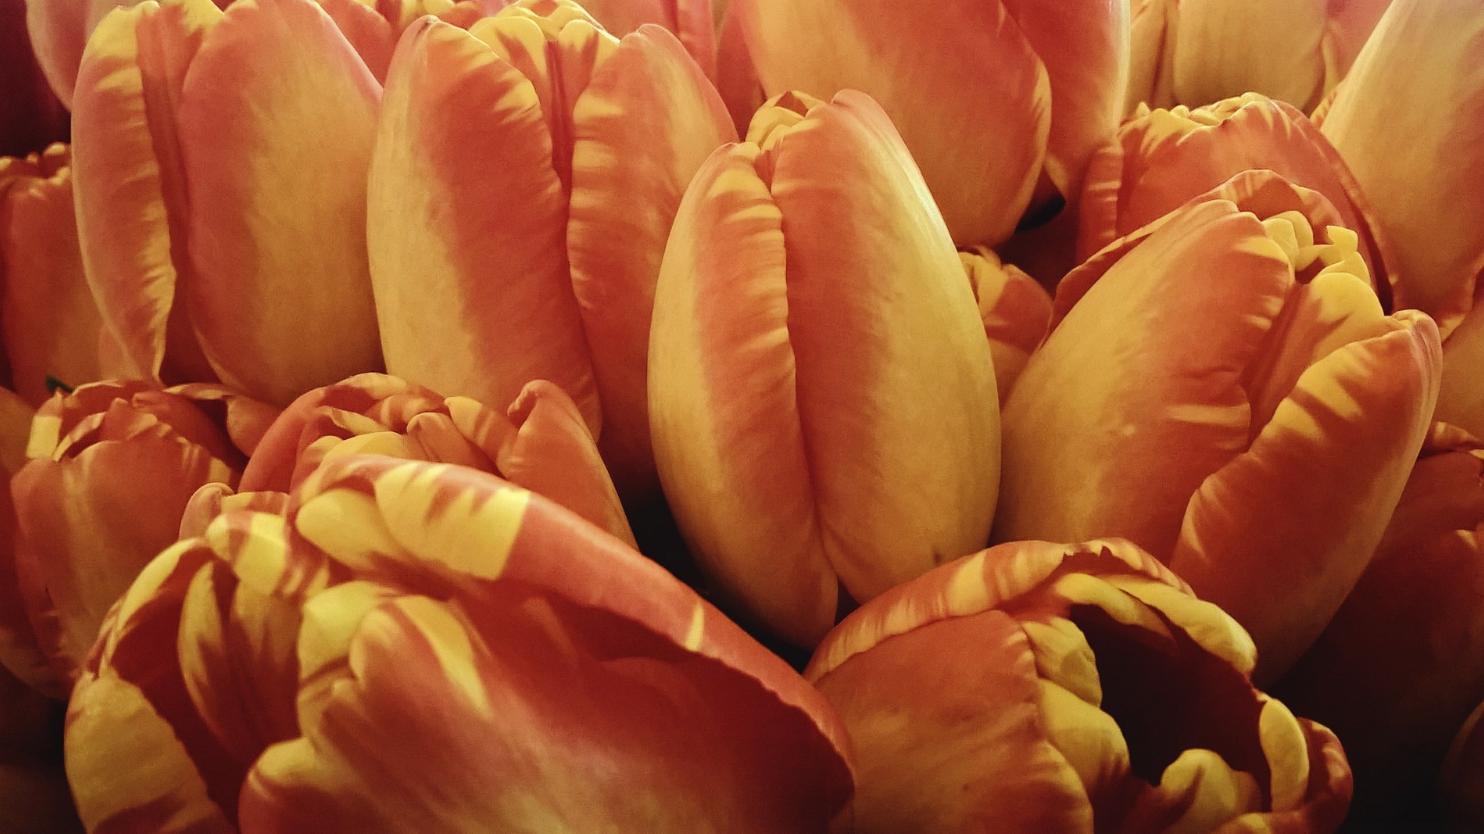 Tulips - Snohomish, WA